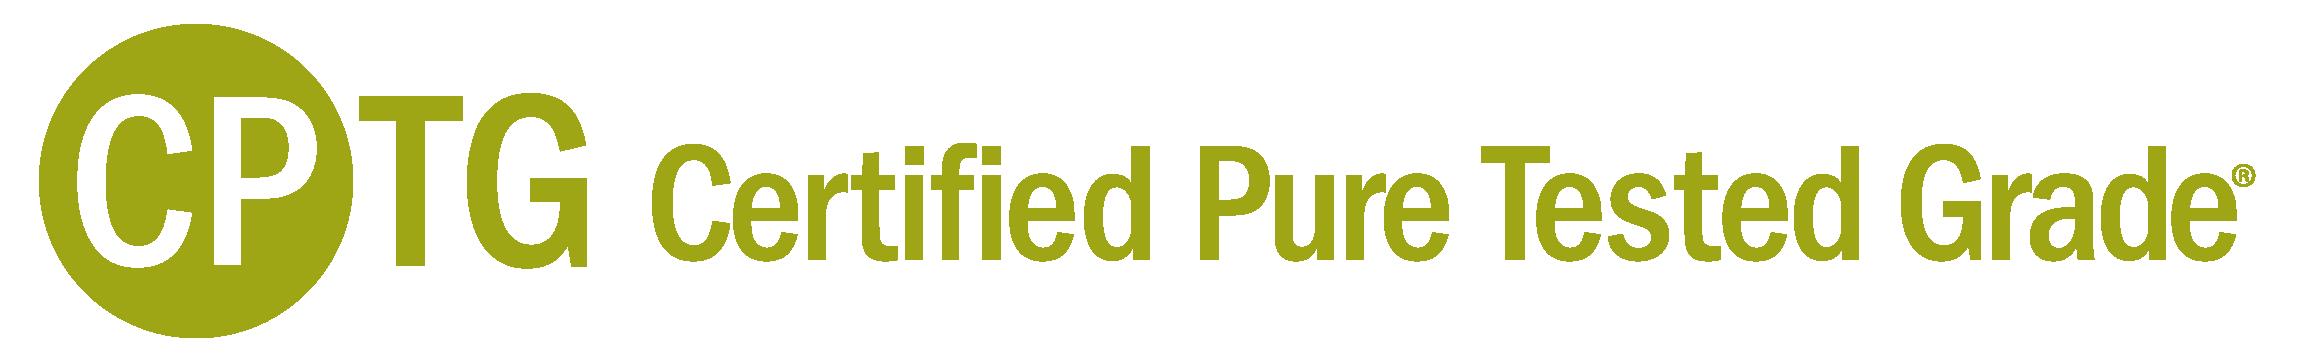 CPTG logo green.png